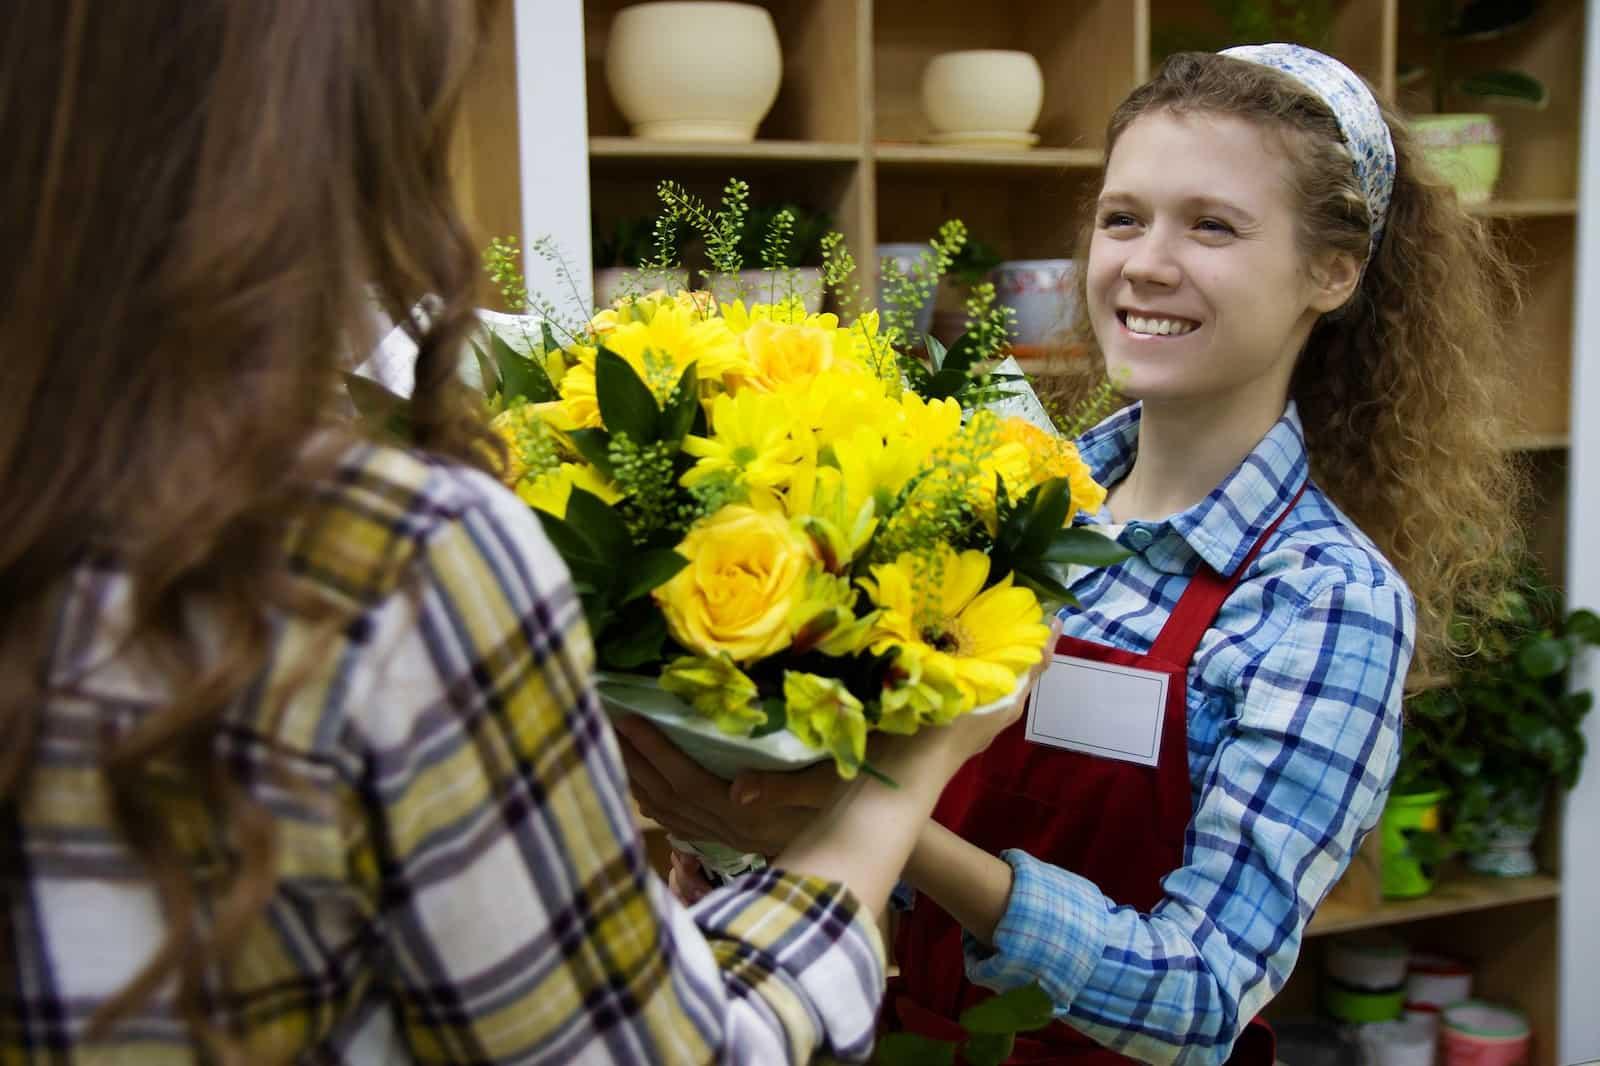 Флористы-продавцы умеют превратить желание клиента в цветочное произведение искусства